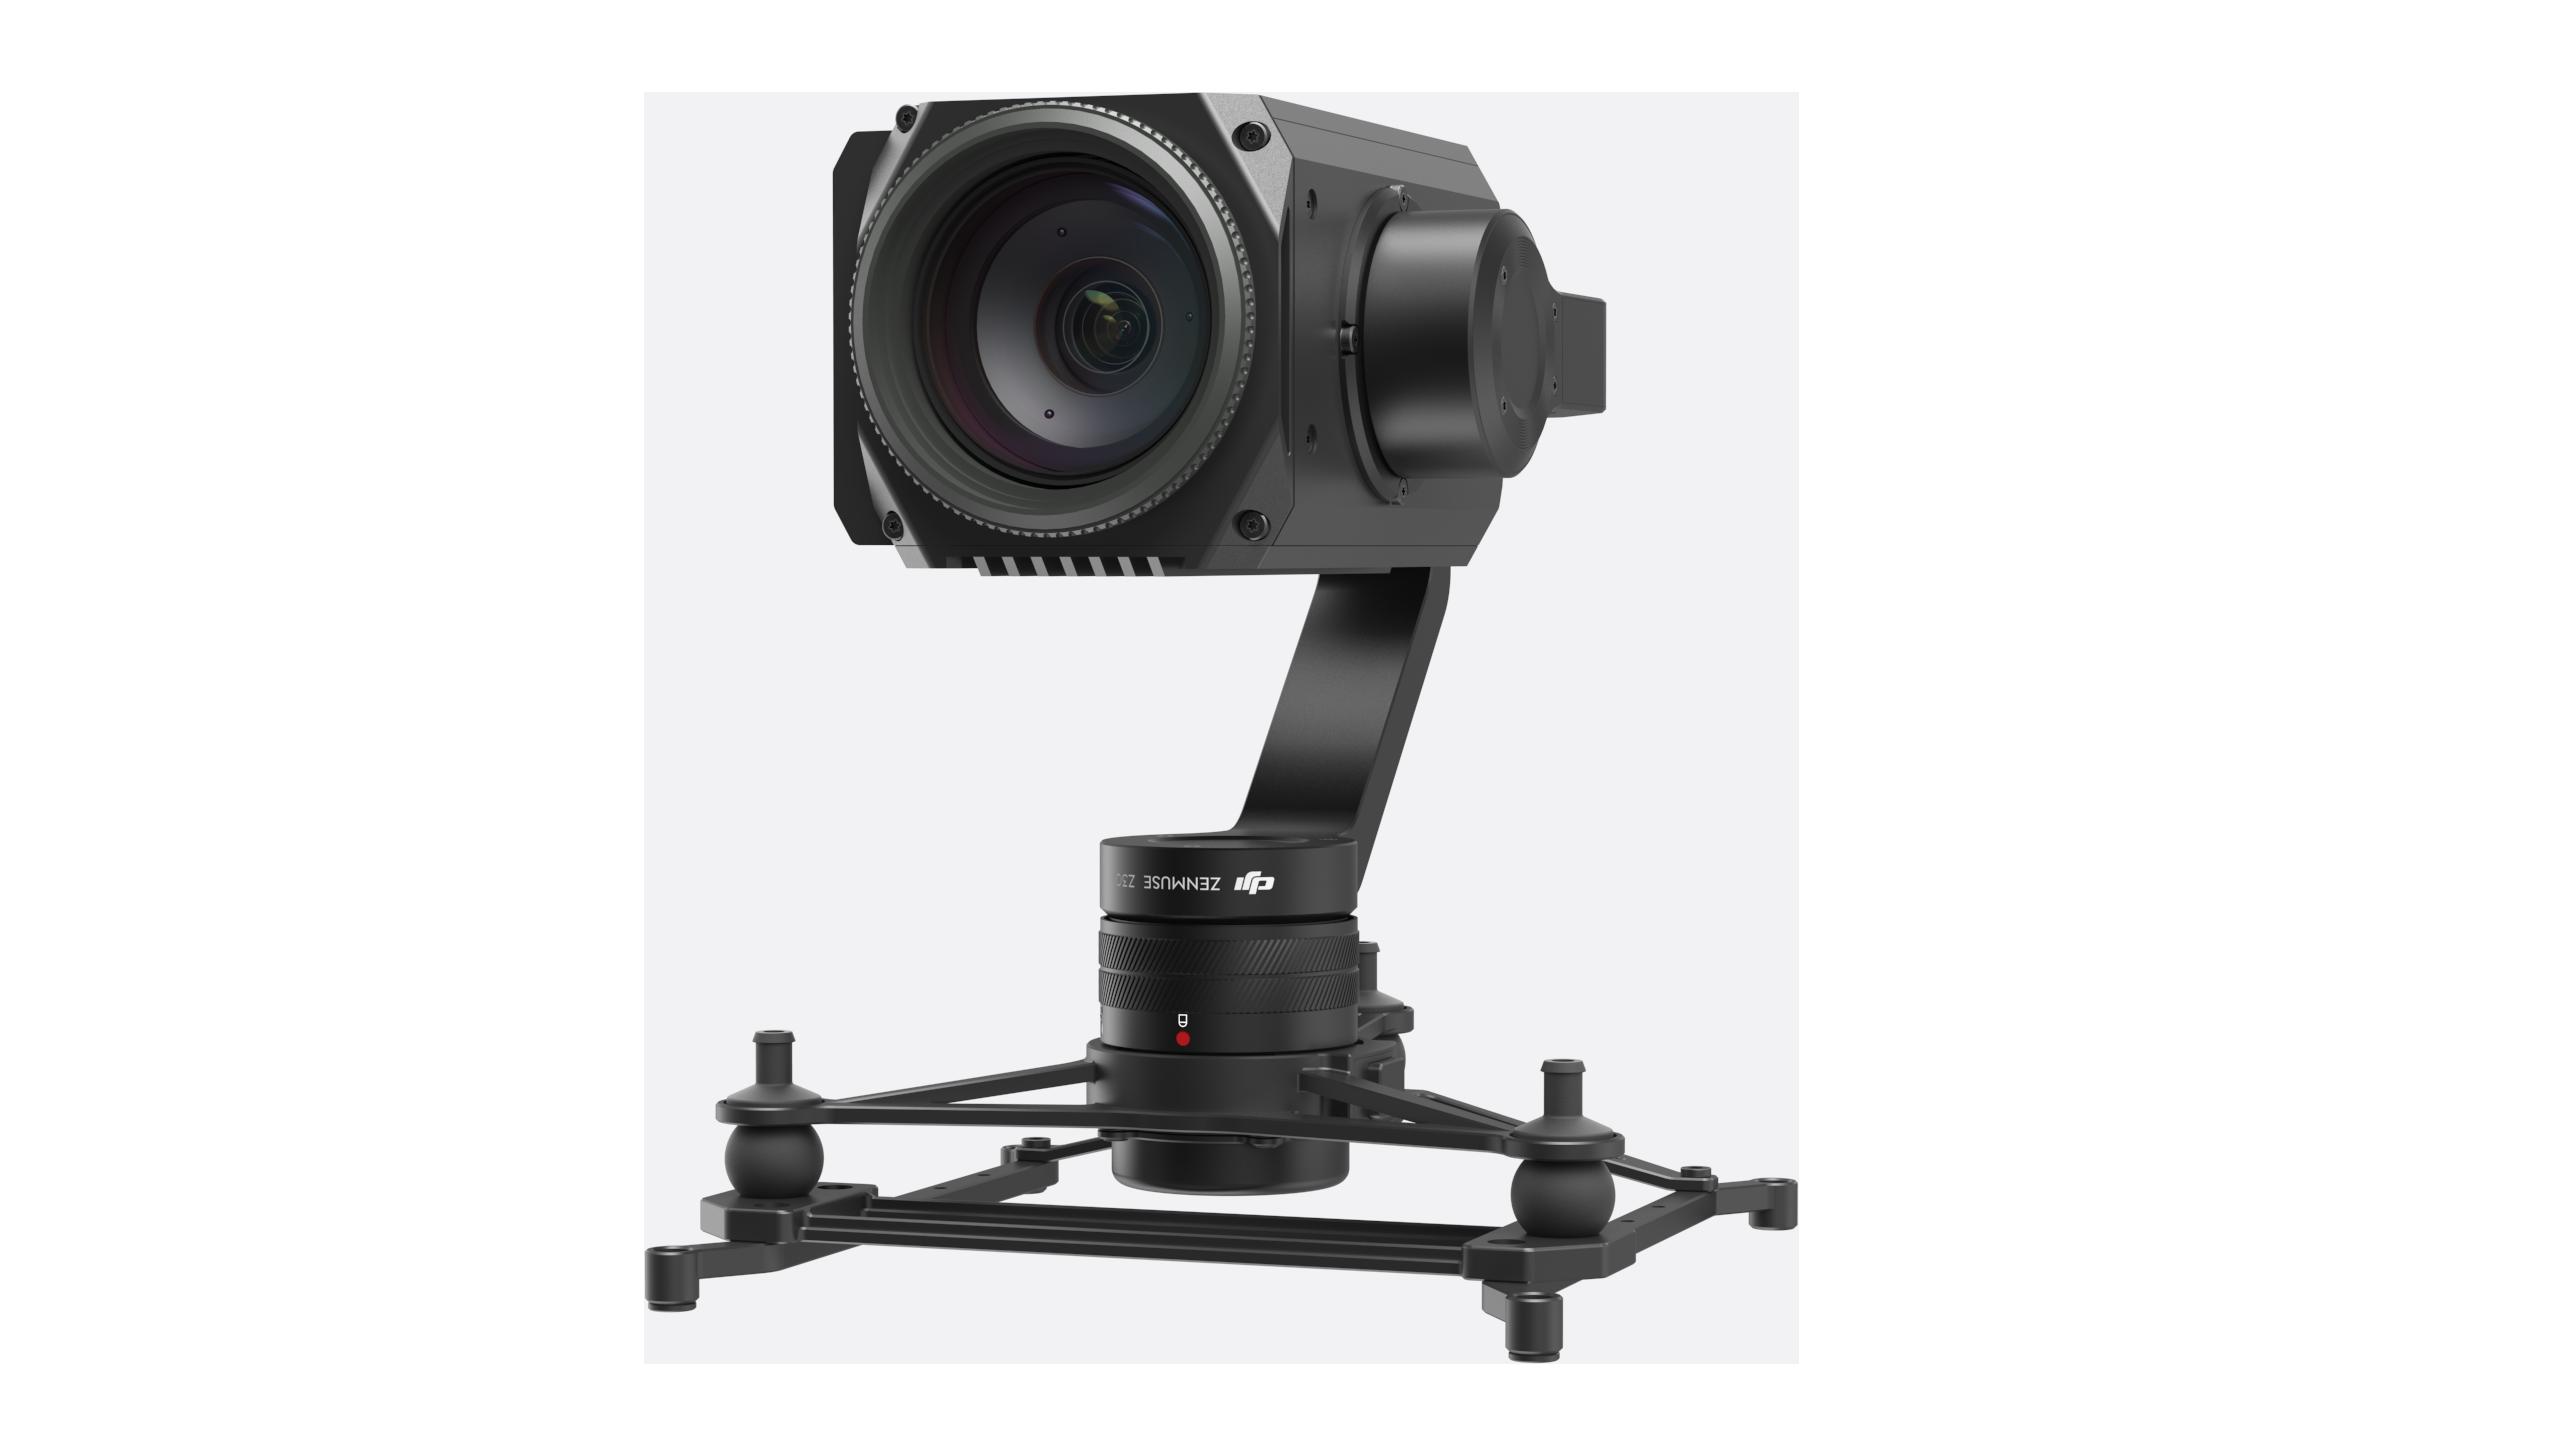 Gimbal z kamerą od góry dron DJI MATRICE 210 w sklepie iron sky tel 663 944 151